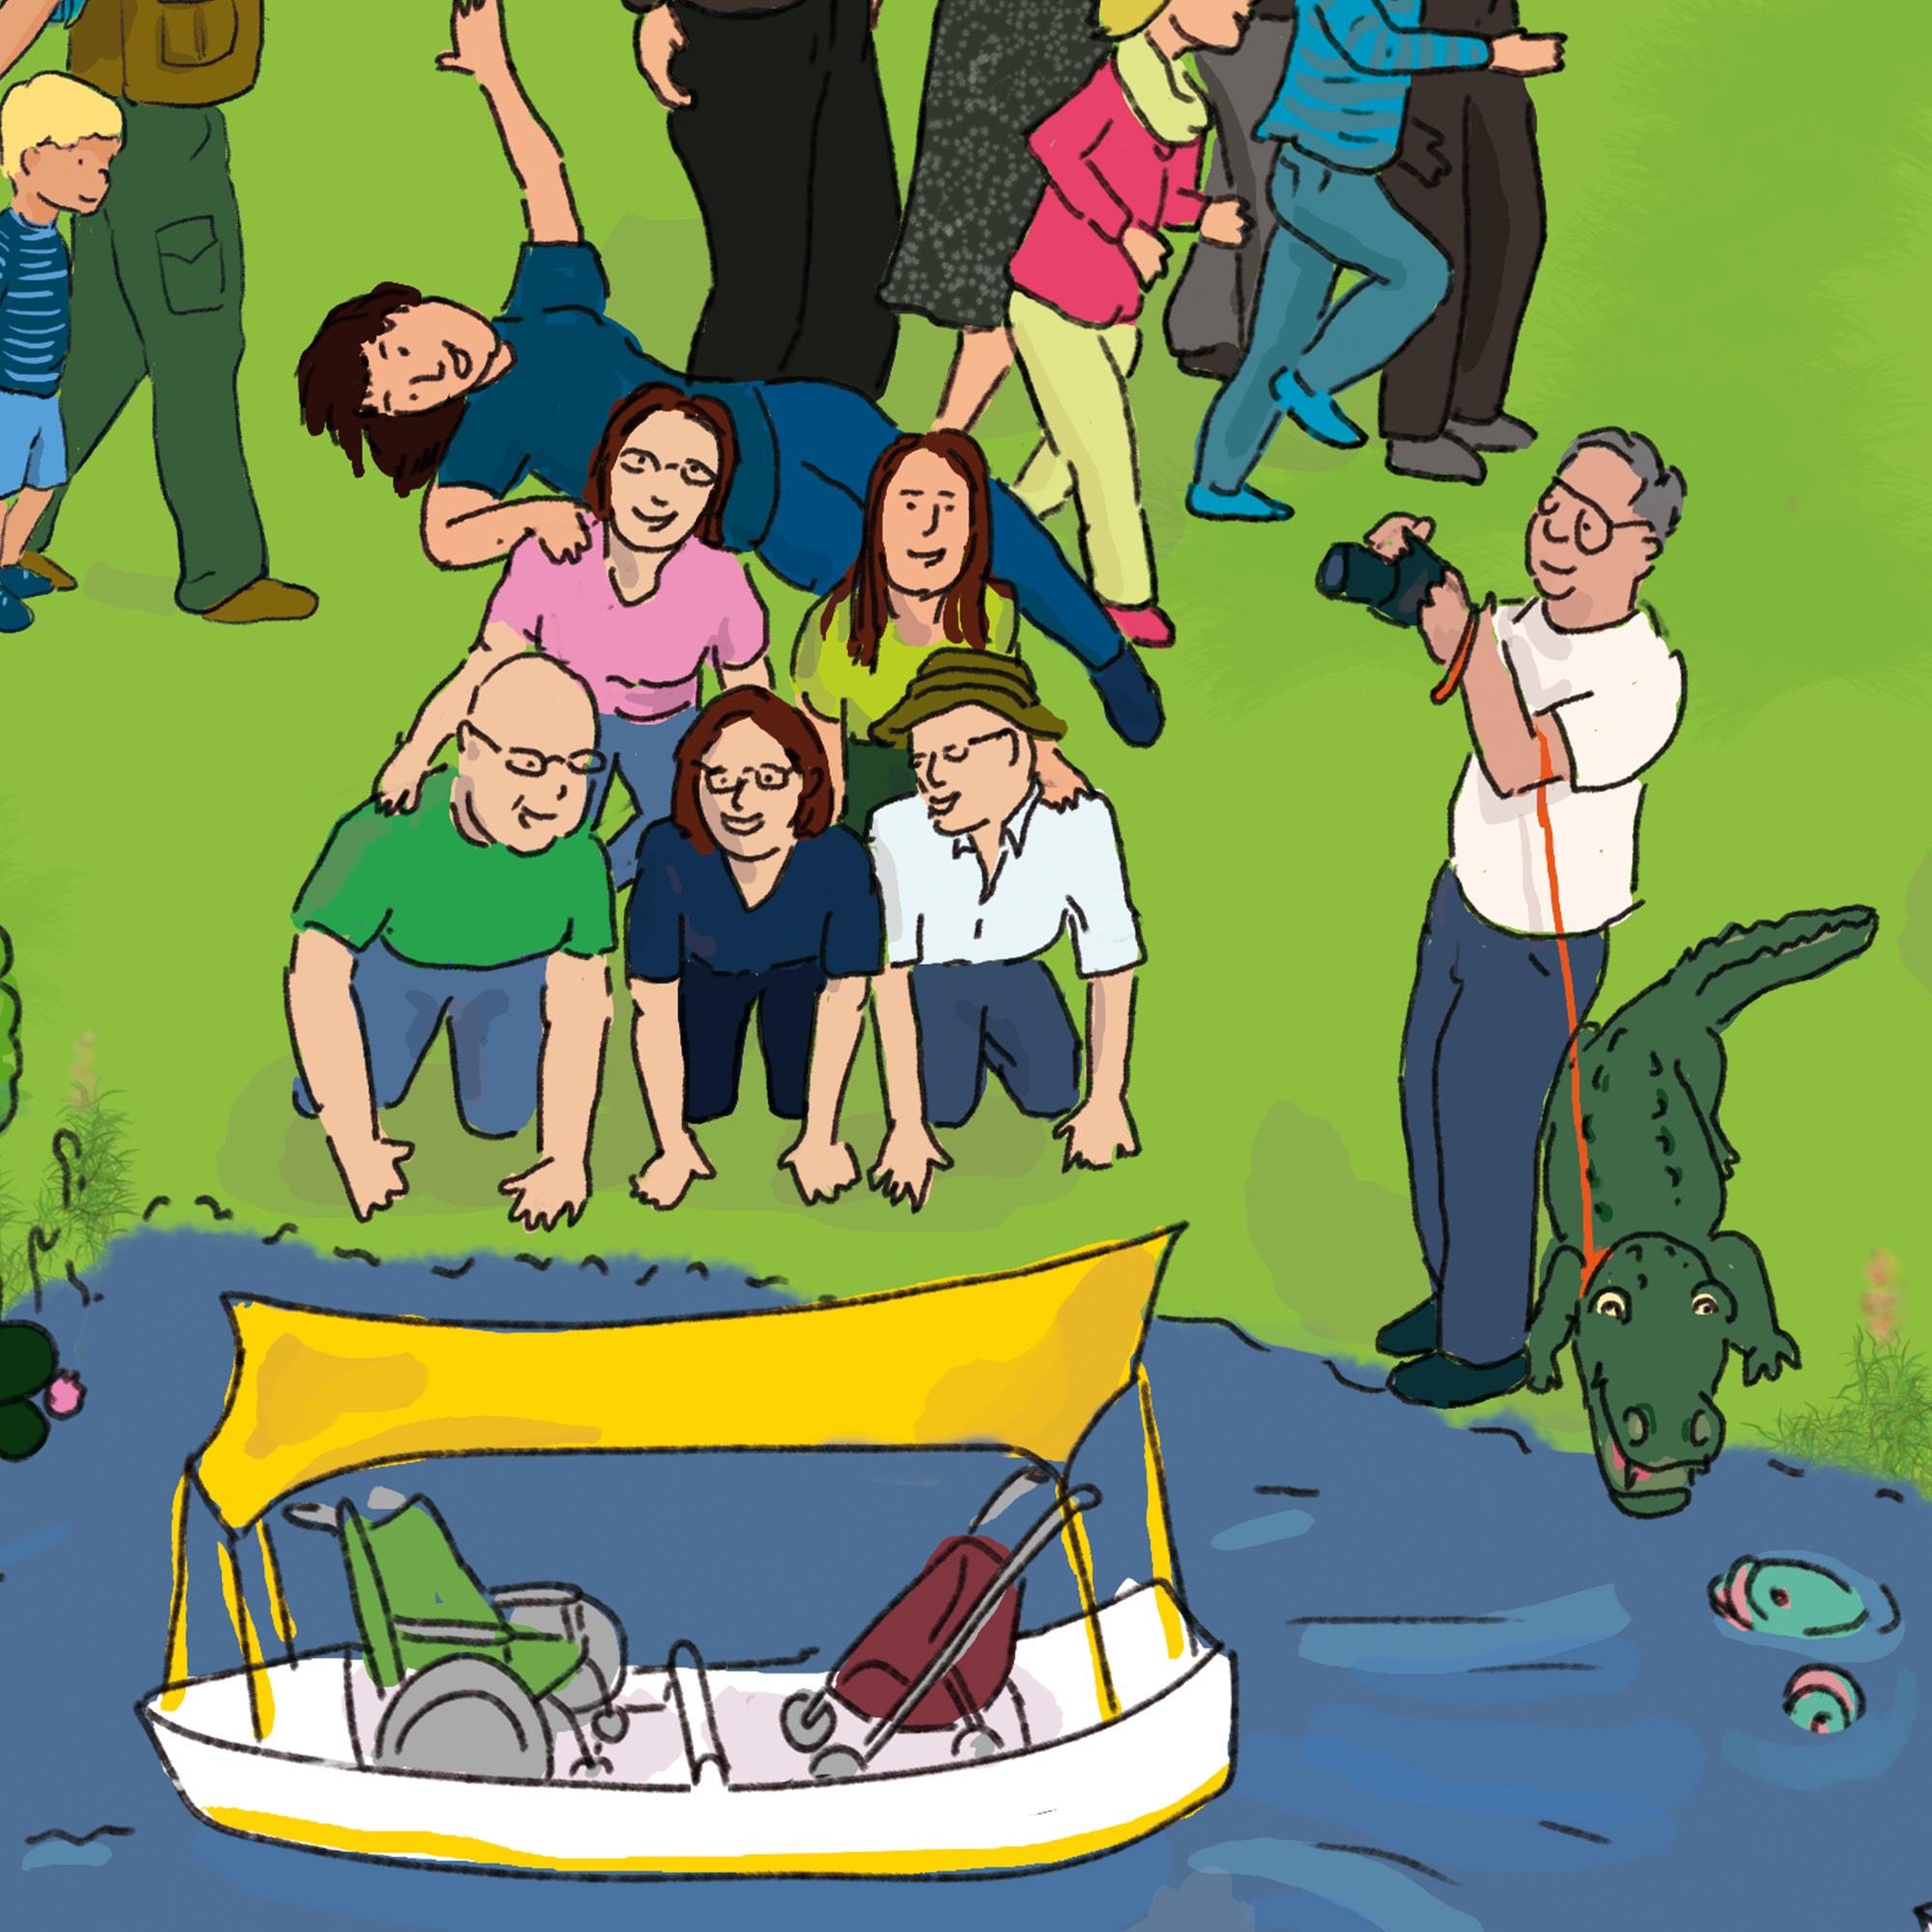 """Das Beste zum Schluss: Dies ist ein Ausschnitt aus meinem Wimmelbuch """"Mannheim wimmelt"""". Es zeigt meine 5 Geschwister mit mir, wie wir einen menschlichen Pyramid bauen. Mein Vater steht daneben mit Ollie, dem Alligatoren, und knippst ein Foto mit einer SLR-Kamera.Die Szene findet im Luisenpark, Mannheim statt."""